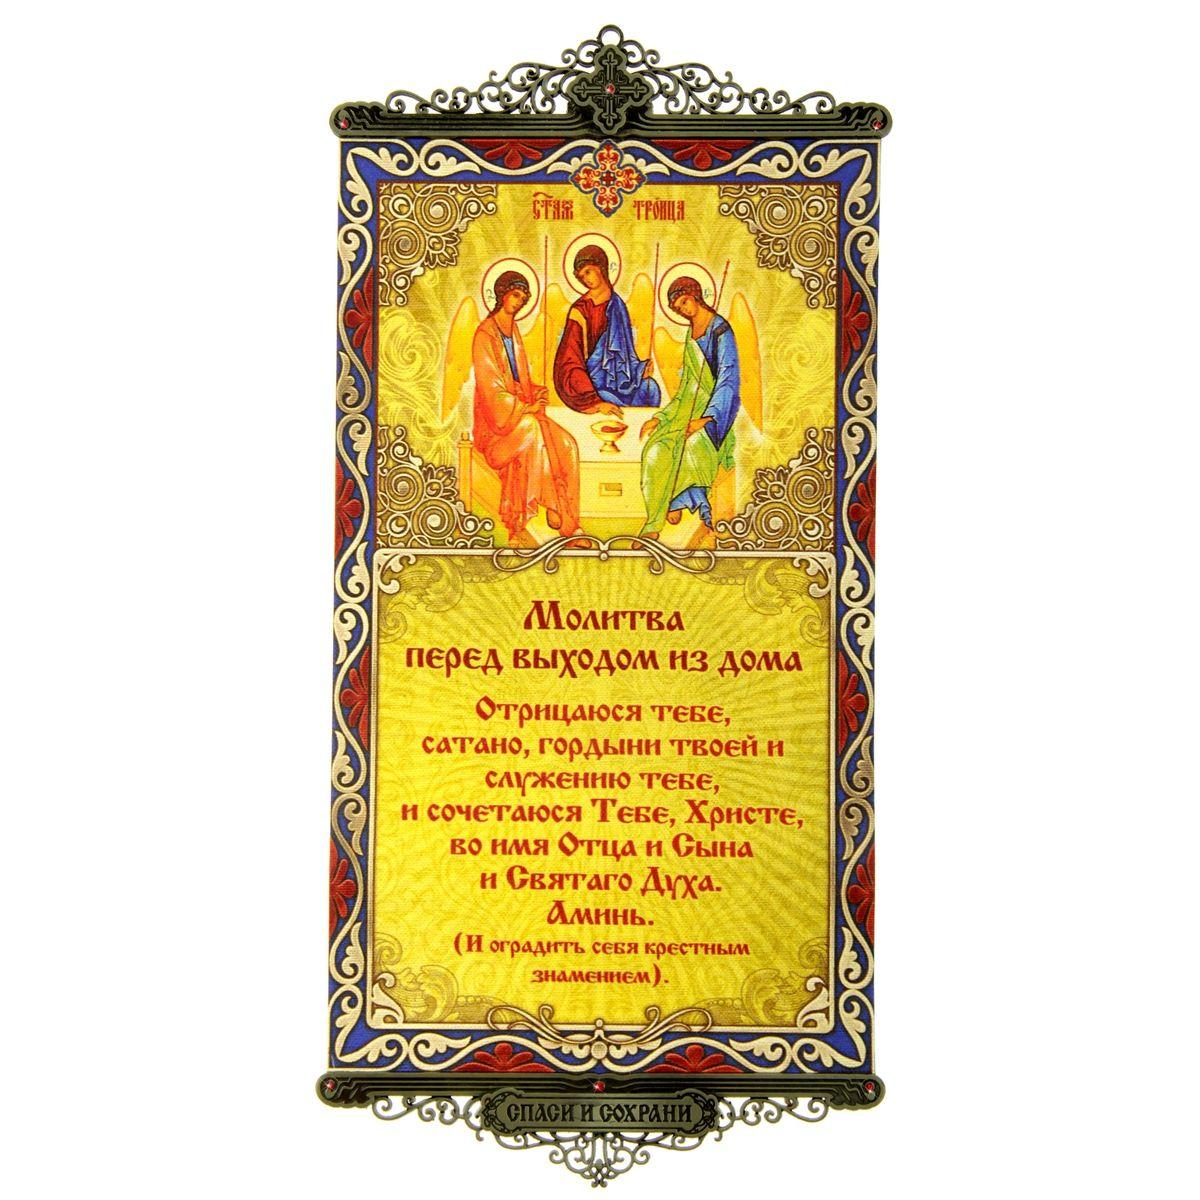 Икона с молитвой Молитва перед выходом из дома, на подвесах602826Икона с молитвой Молитва перед выходом из дома выполнена из плотного текстиля с нанесенным цветным рисунком, края декорированы ажурными металлическими вставками со стразами. Цветовая гамма и интерьер влияют на настроение каждого, именно поэтому так важны детали, которые нас окружают. Знатоки интерьерных решений стараются применять самые разнообразные решения при художественном оформлении внутреннего пространства и использовать все возможные материалы. Икона с молитвой на подвесах - это хорошее решение для интерьера по выгодной цене!